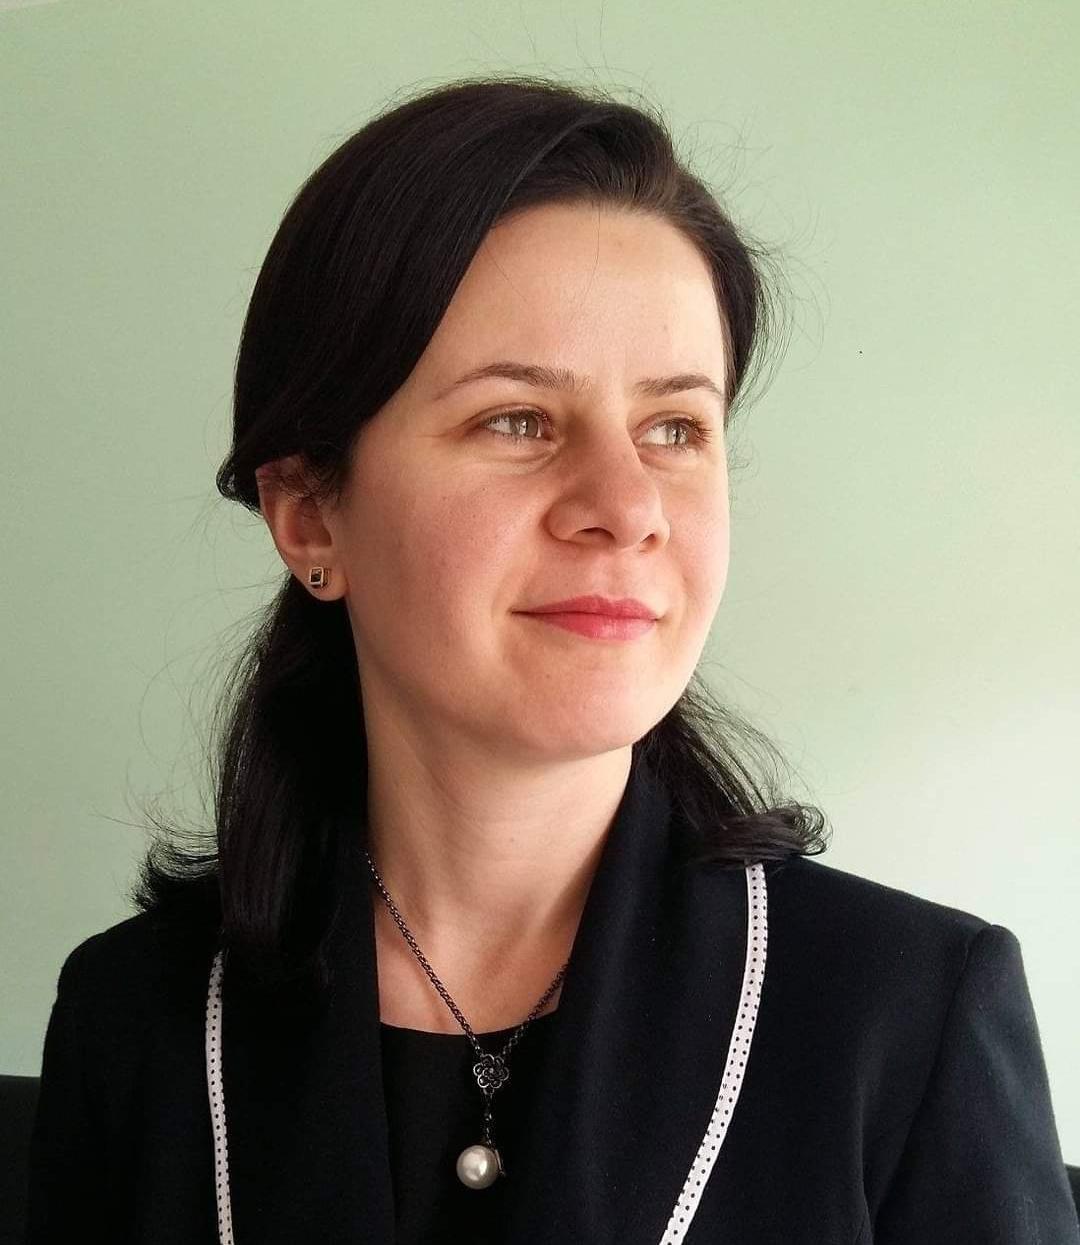 Maria Cristina Cojocaru